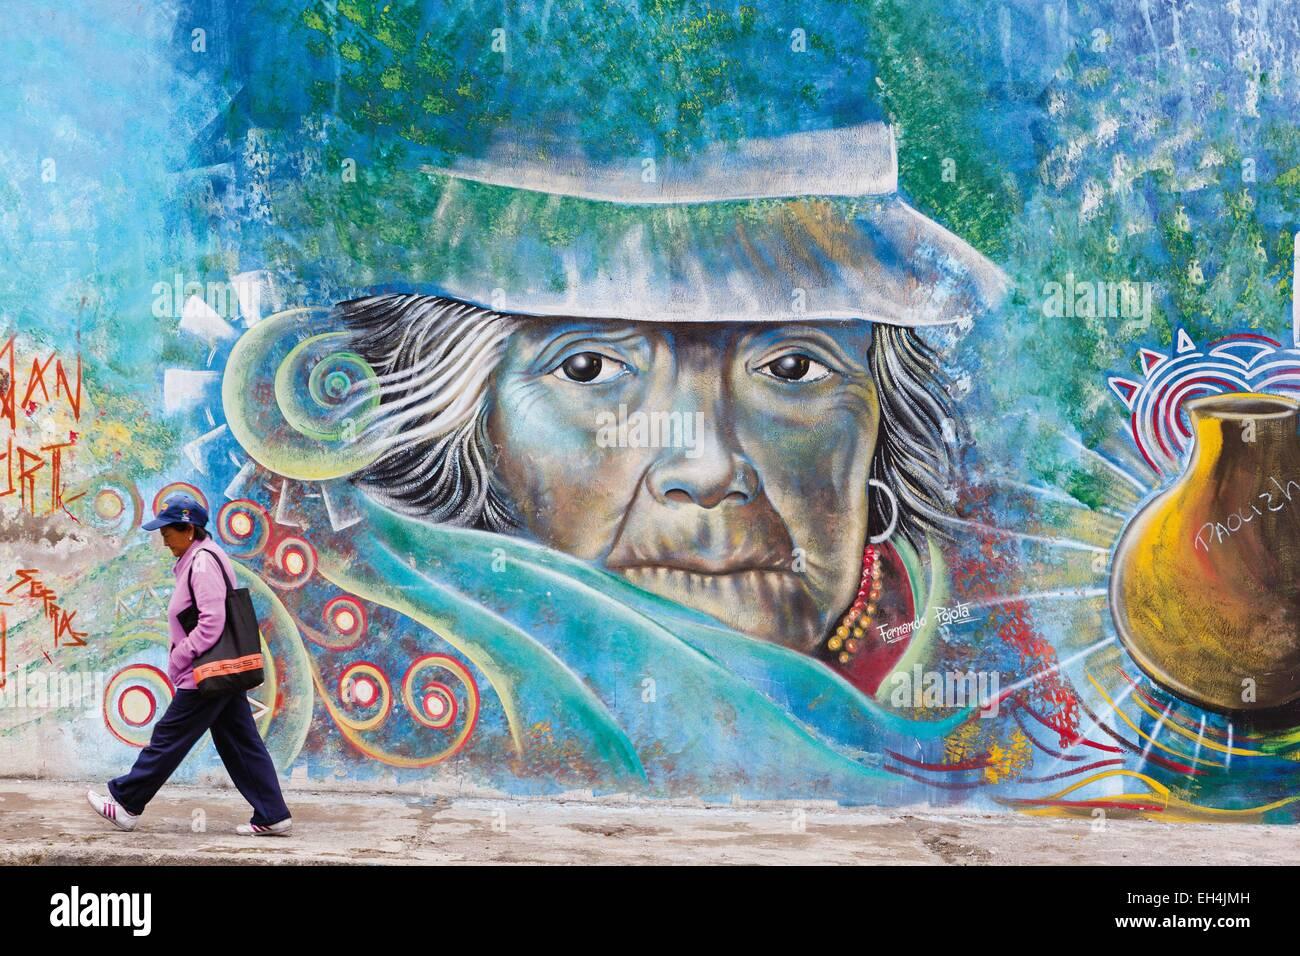 Ecuador, Imbabura, Atuntaqui, ecuadorianischen Beschäftigte moderne Frau vor einer Wand Graffiti zeigt eine Stockbild